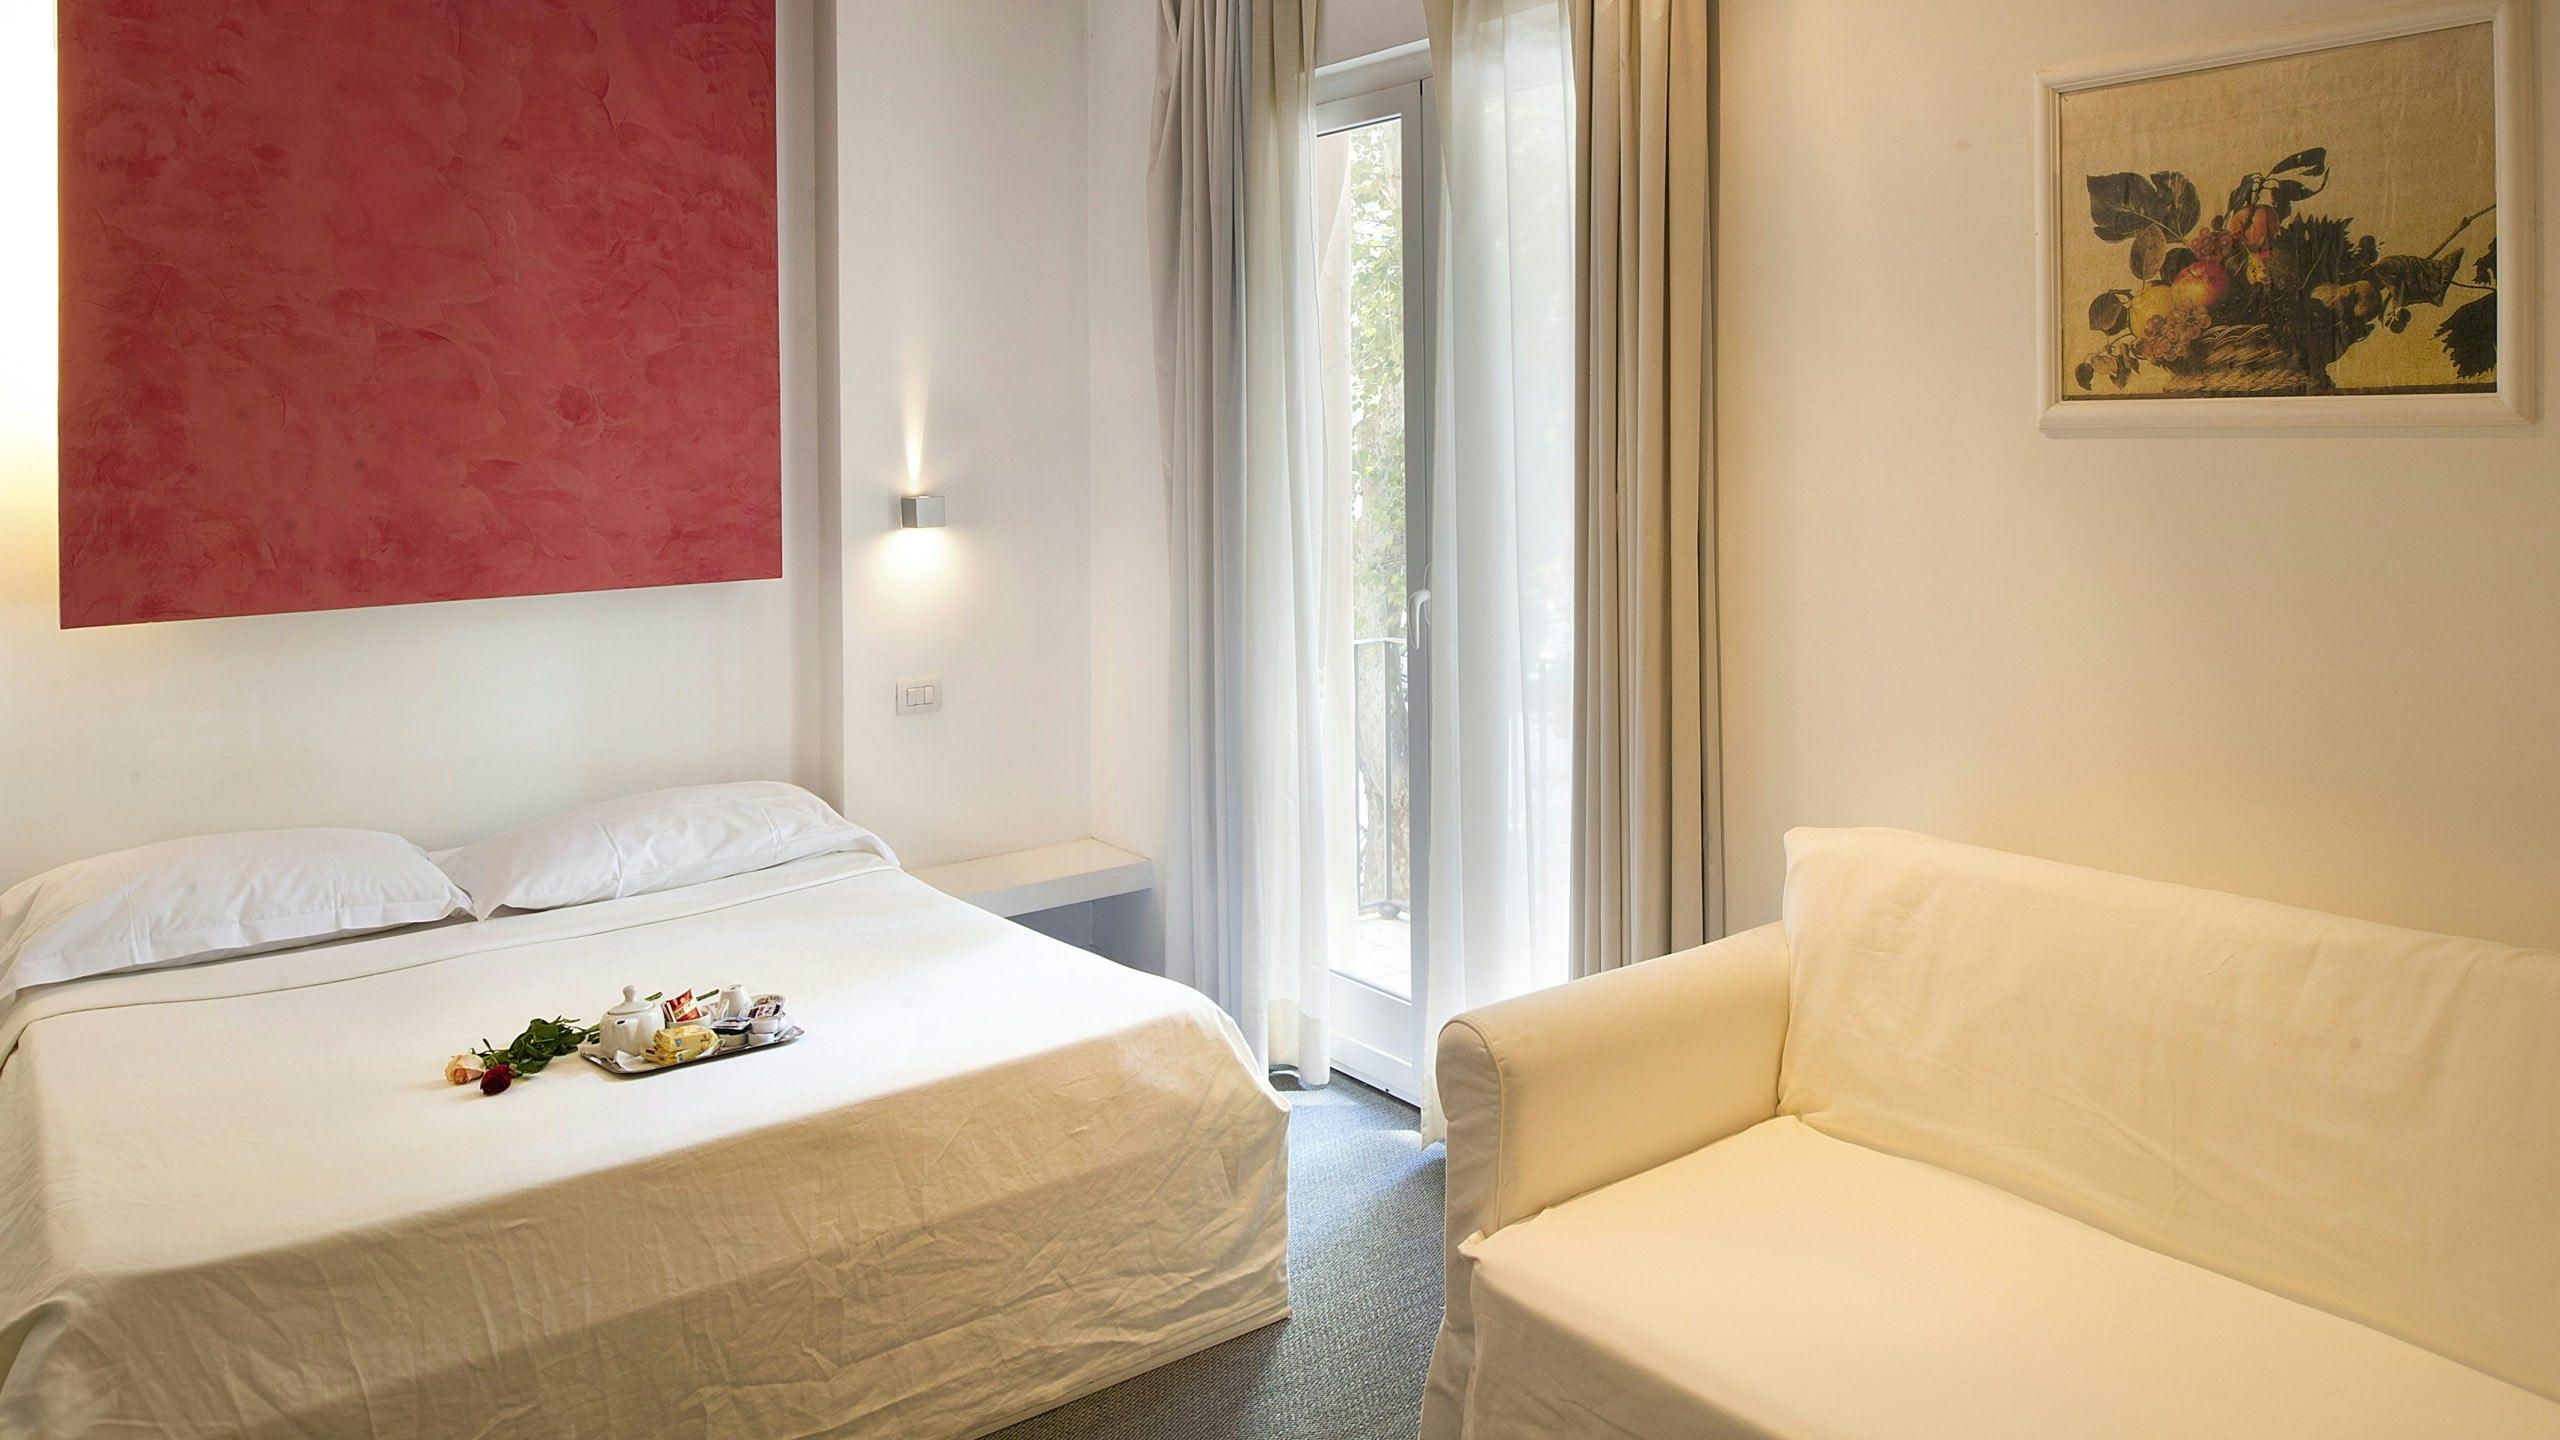 hotel-relais-san-pietro-rome-superior-room-08